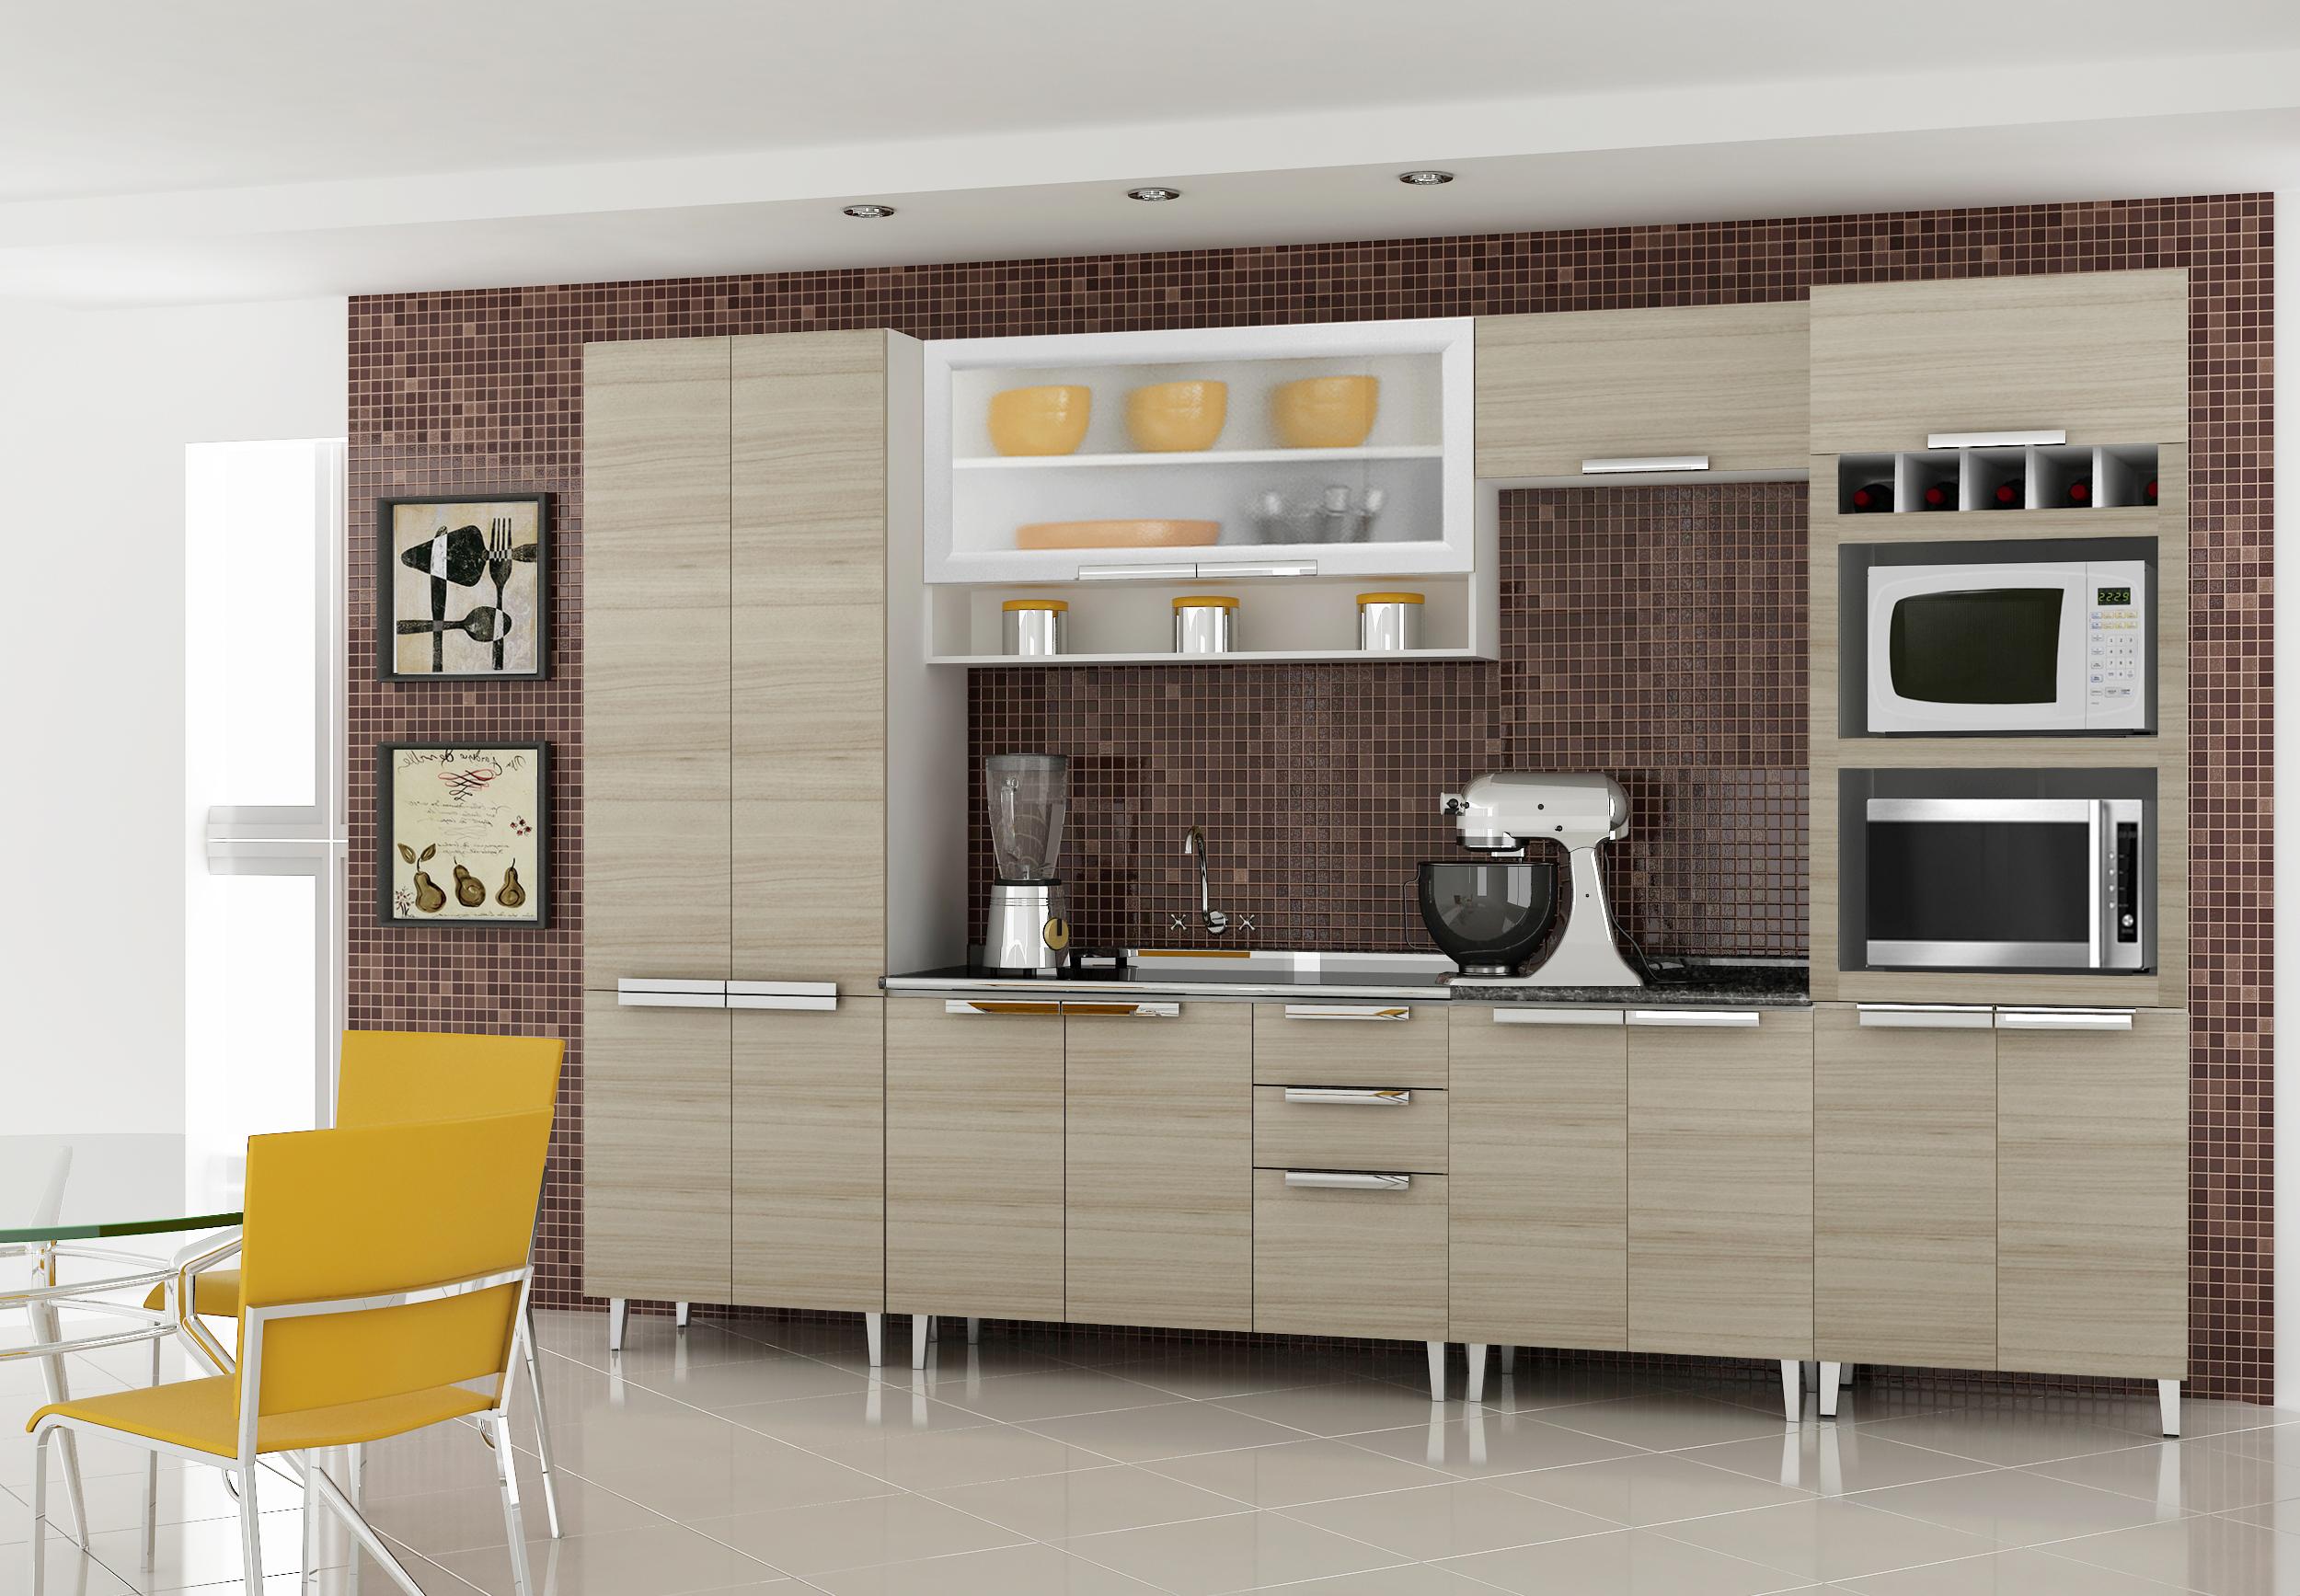 #A68425 Cozinha Itatiaia de Madeira: (fazemos sob medida de acordo com o seu  2500x1735 px Fornecedores De Cozinha_754 Imagens